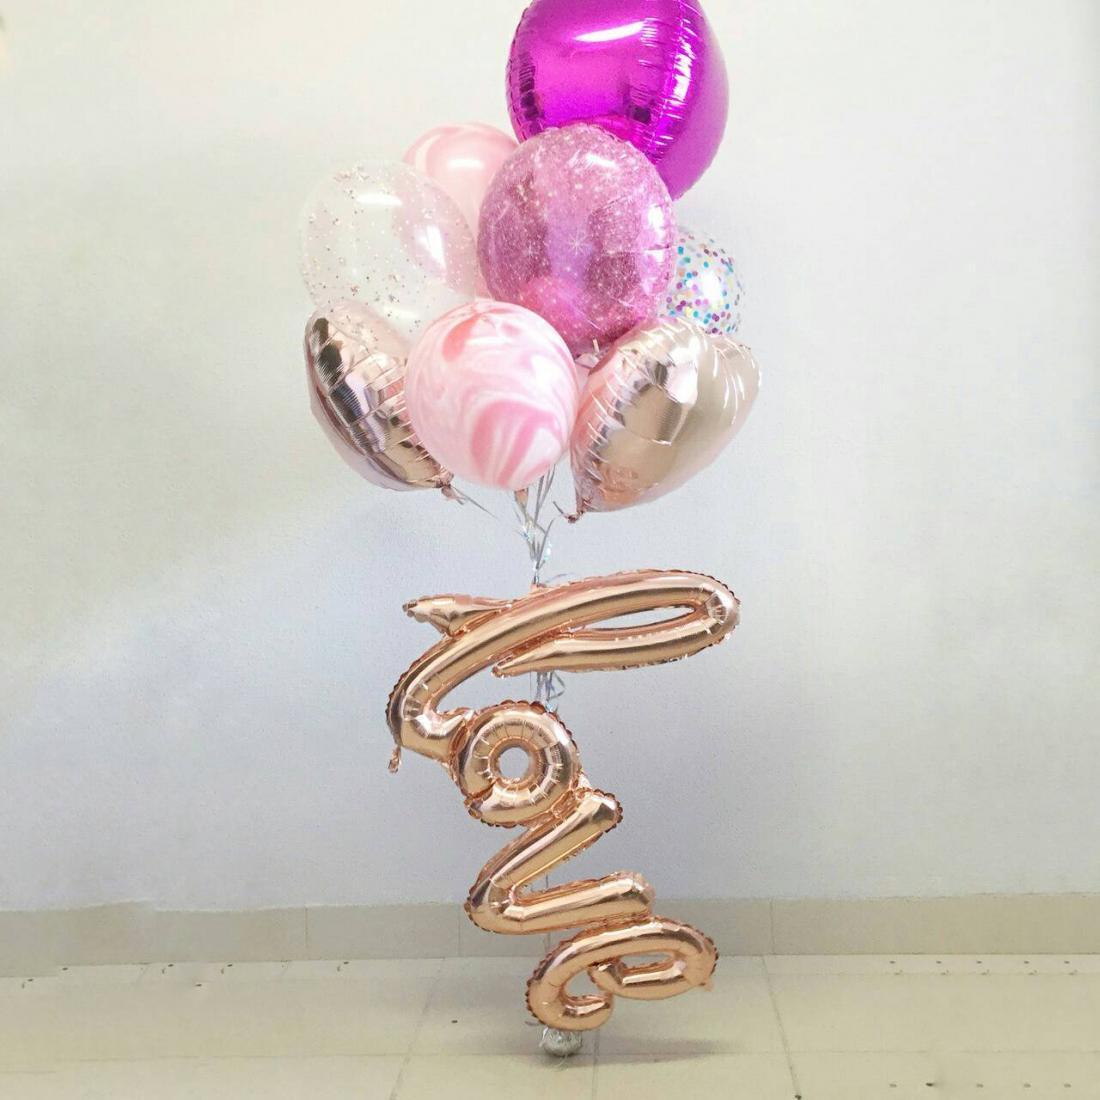 Облако из шаров с надписью LOVE